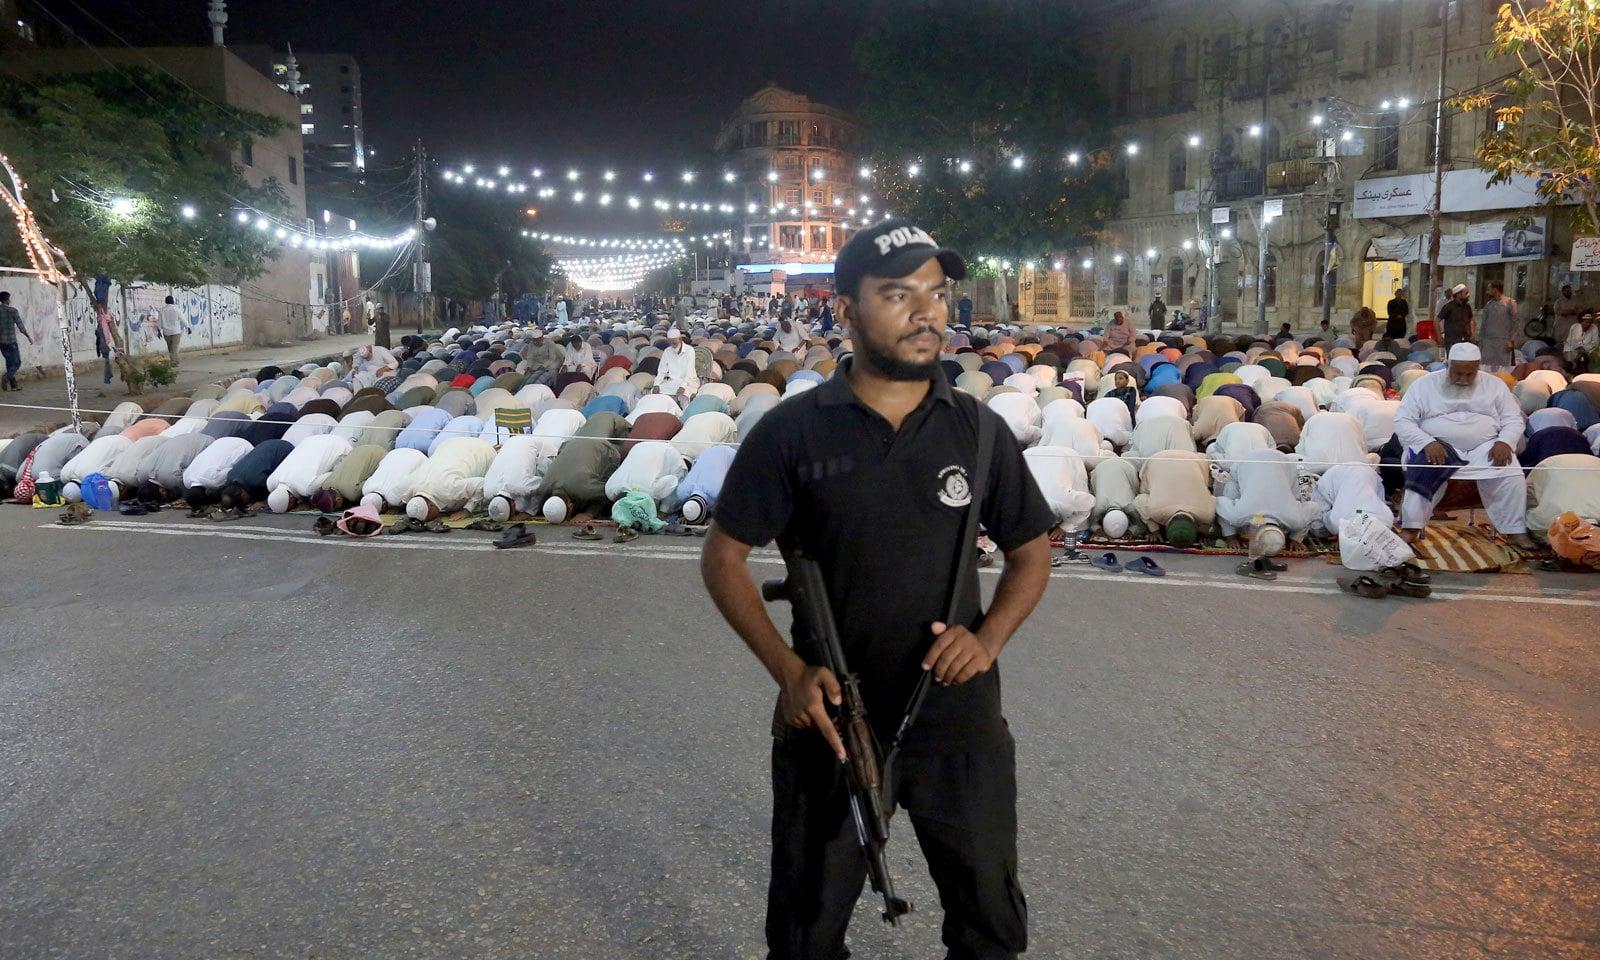 کراچی میں پہلی نماز تراویح کے دوران پولیس اہلکار الرٹ کھڑا ہے — فوٹو: اے پی